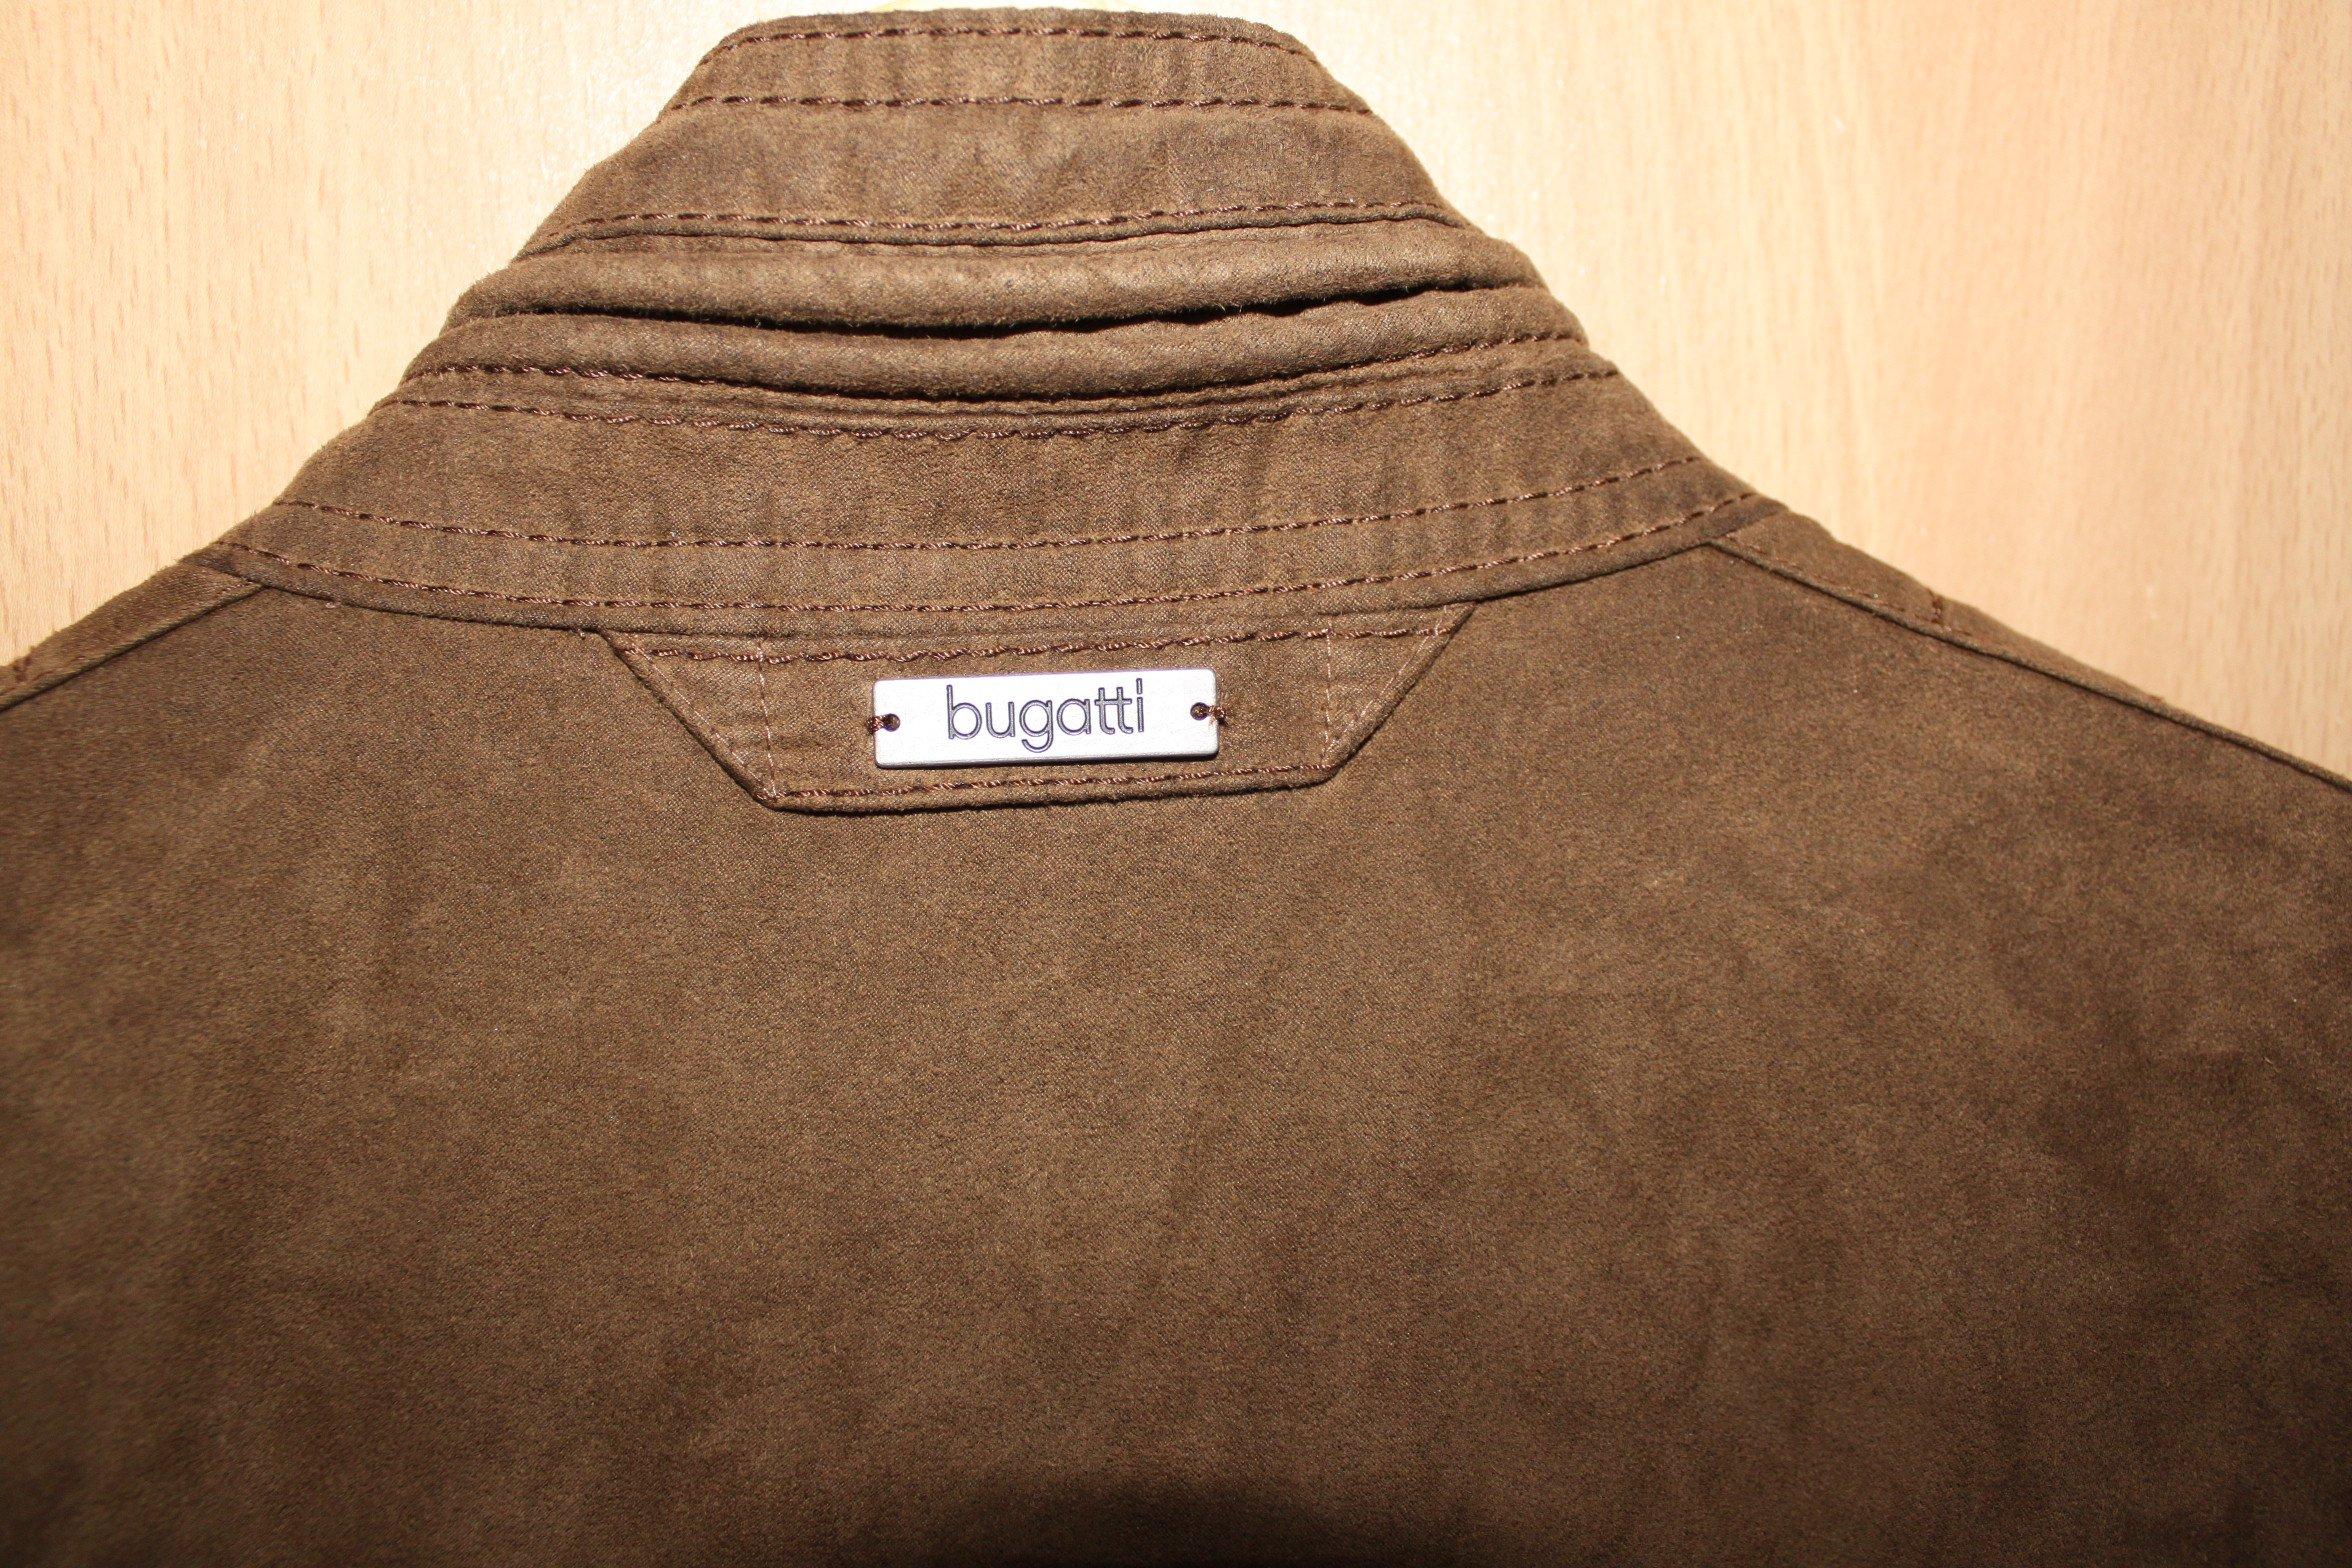 9df5ec946f9a6 Bugatti kurtka męska rozm. XXL - 7183709000 - oficjalne archiwum allegro